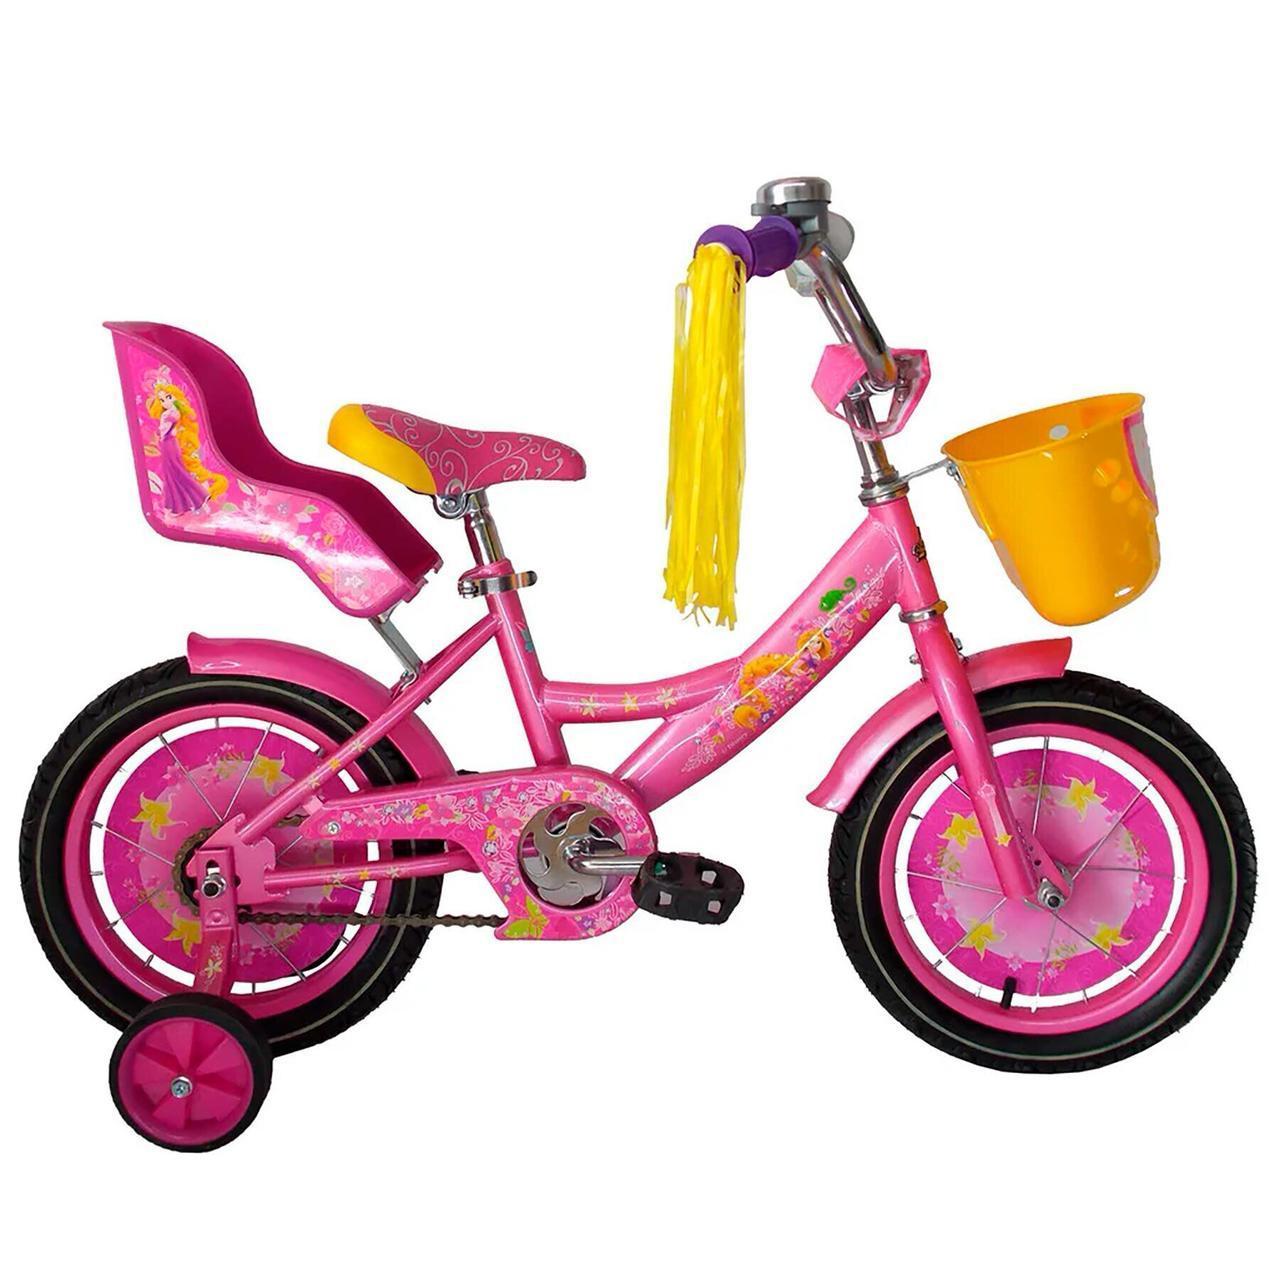 Велосипед дитячий двоколісний для дівчинки Azimut Girls з кошиком